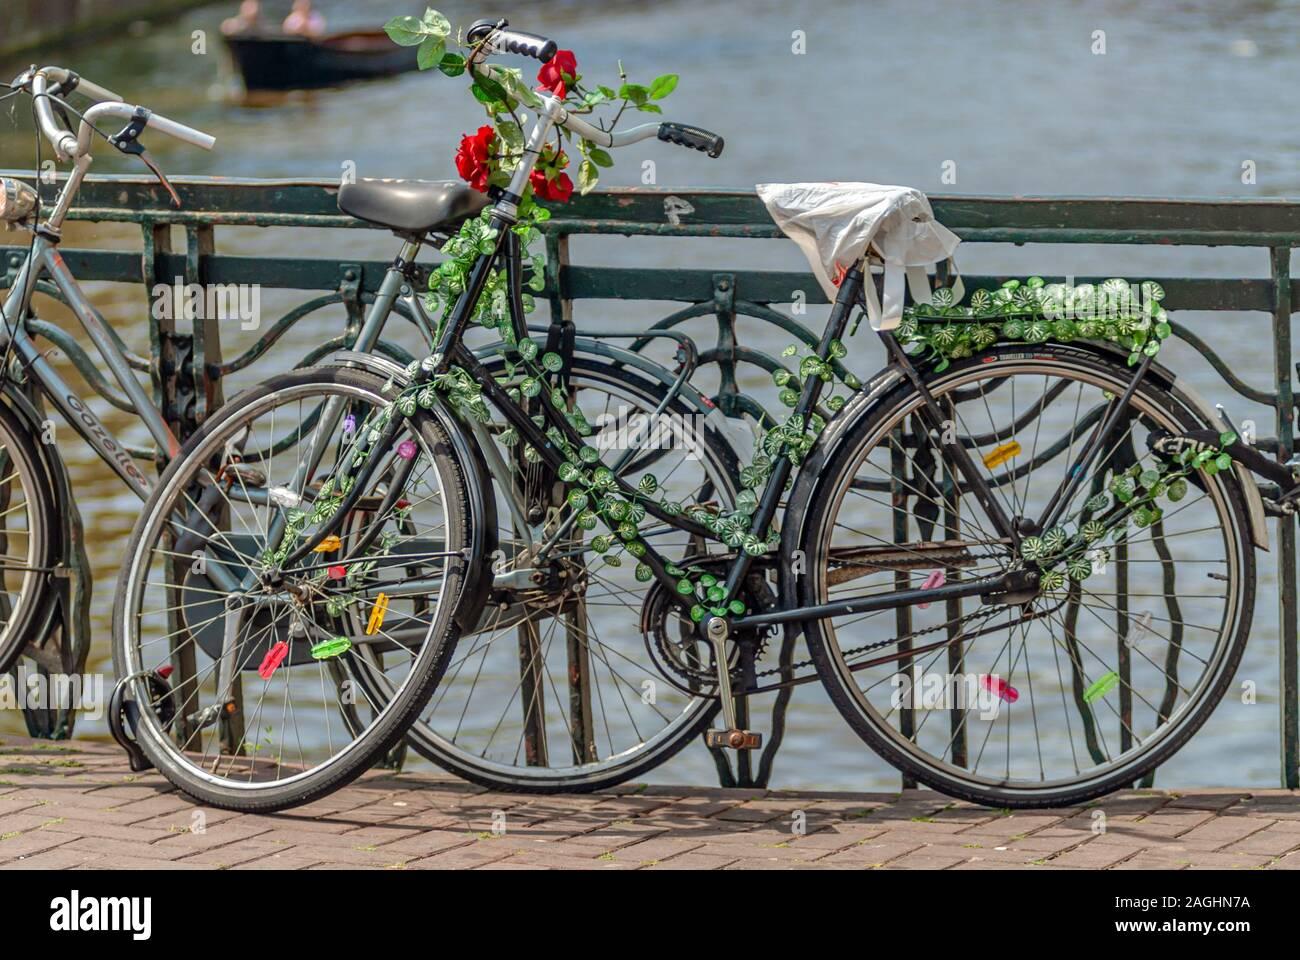 Ein altes Einzelfahrrad mit Rosen, das auf einer Brücke in der Innenstadt von Amsterdam, Niederlande, geparkt wurde Stockfoto